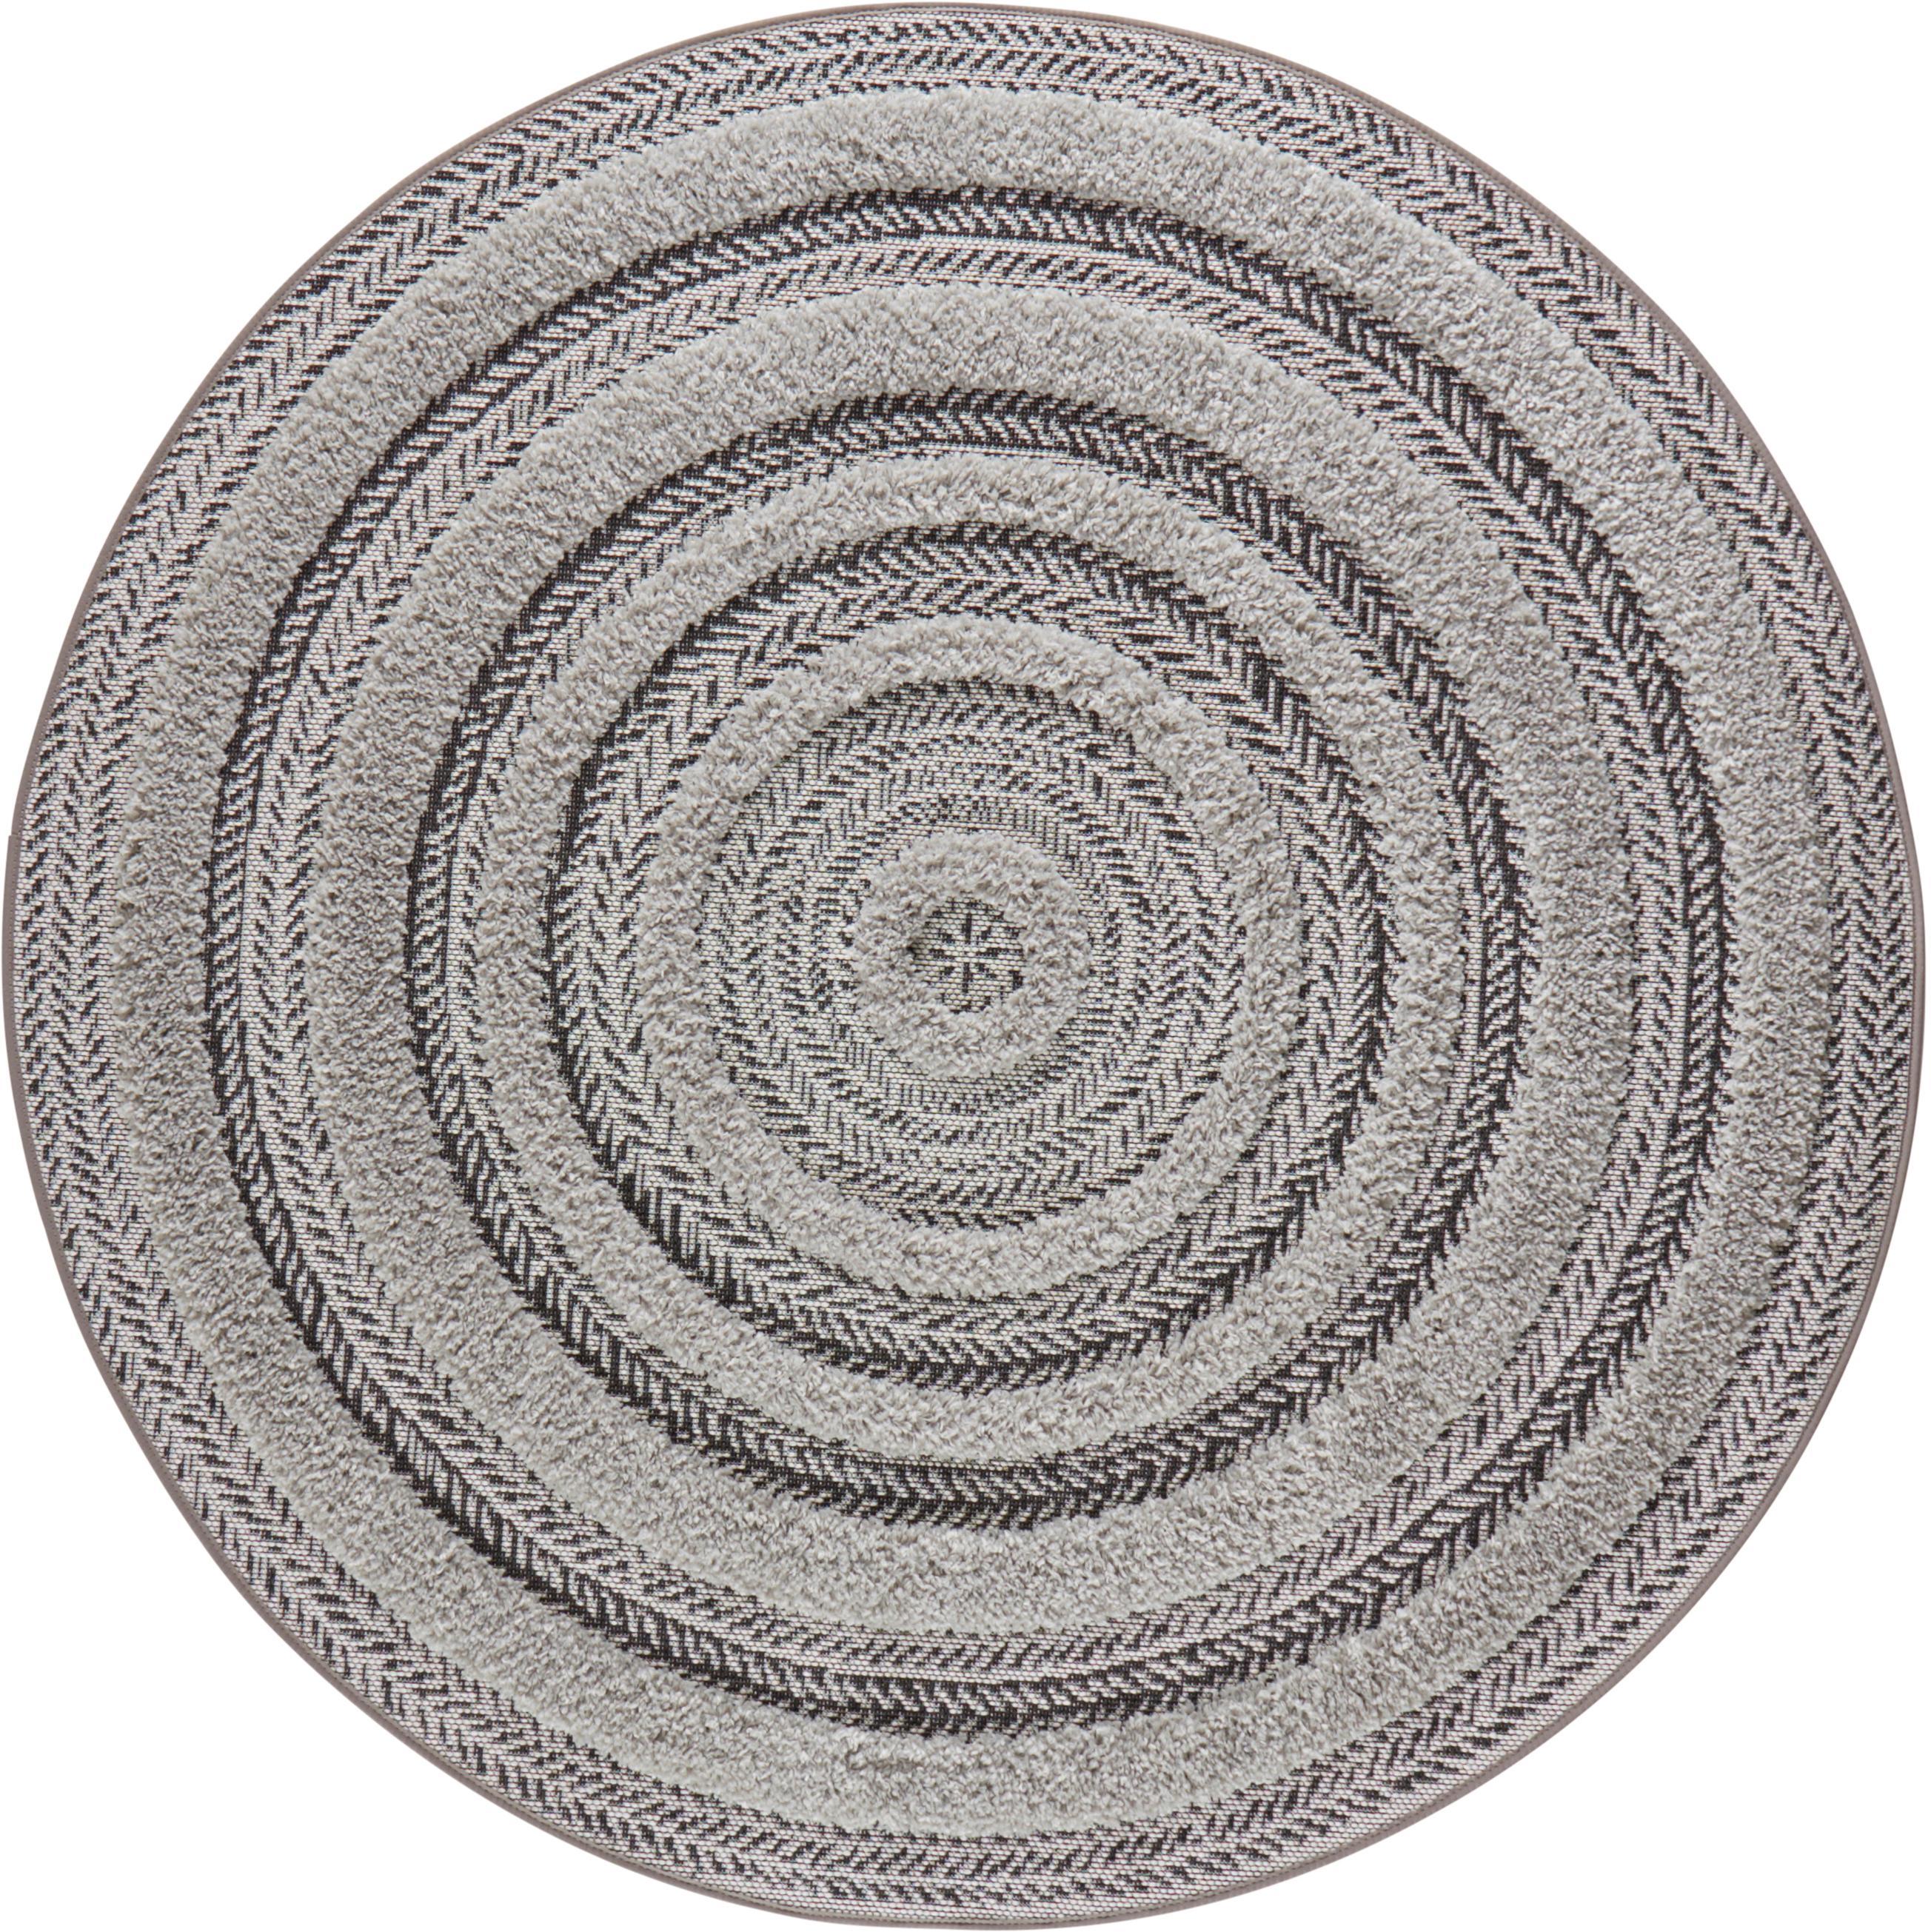 Runder In- & Outdoor-Teppich Nador mit Hoch-Tief-Effekt, Anthrazit, Grau, Ø 160 cm (Grösse L)